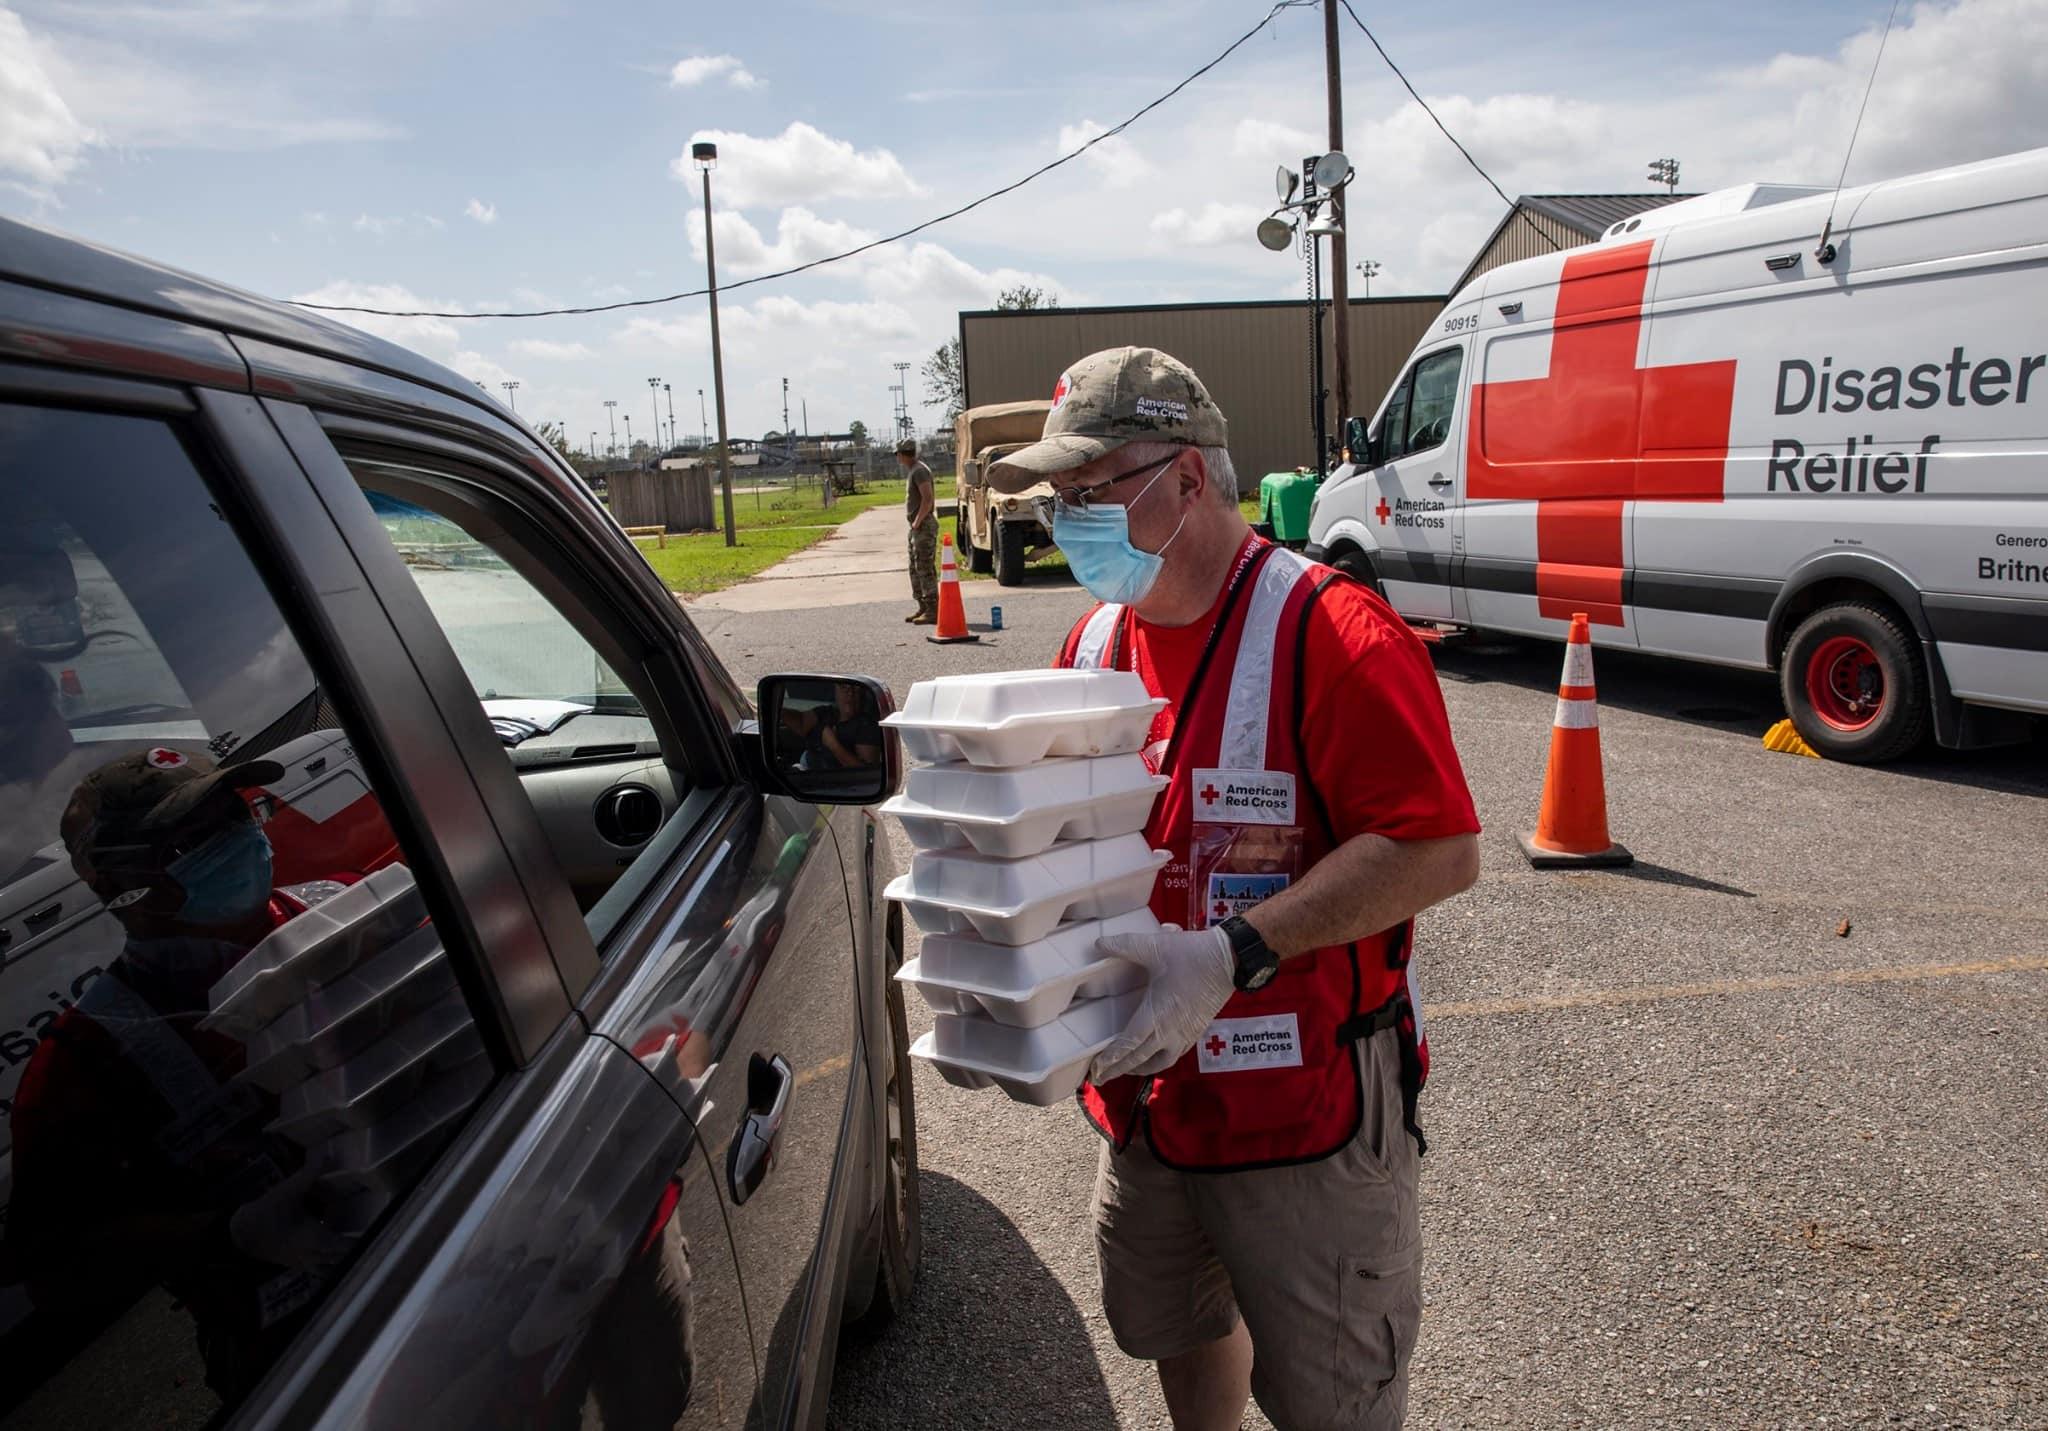 American Red Cross Volunteer Opportunities Roanoke VA Roanokeproffesionals.com